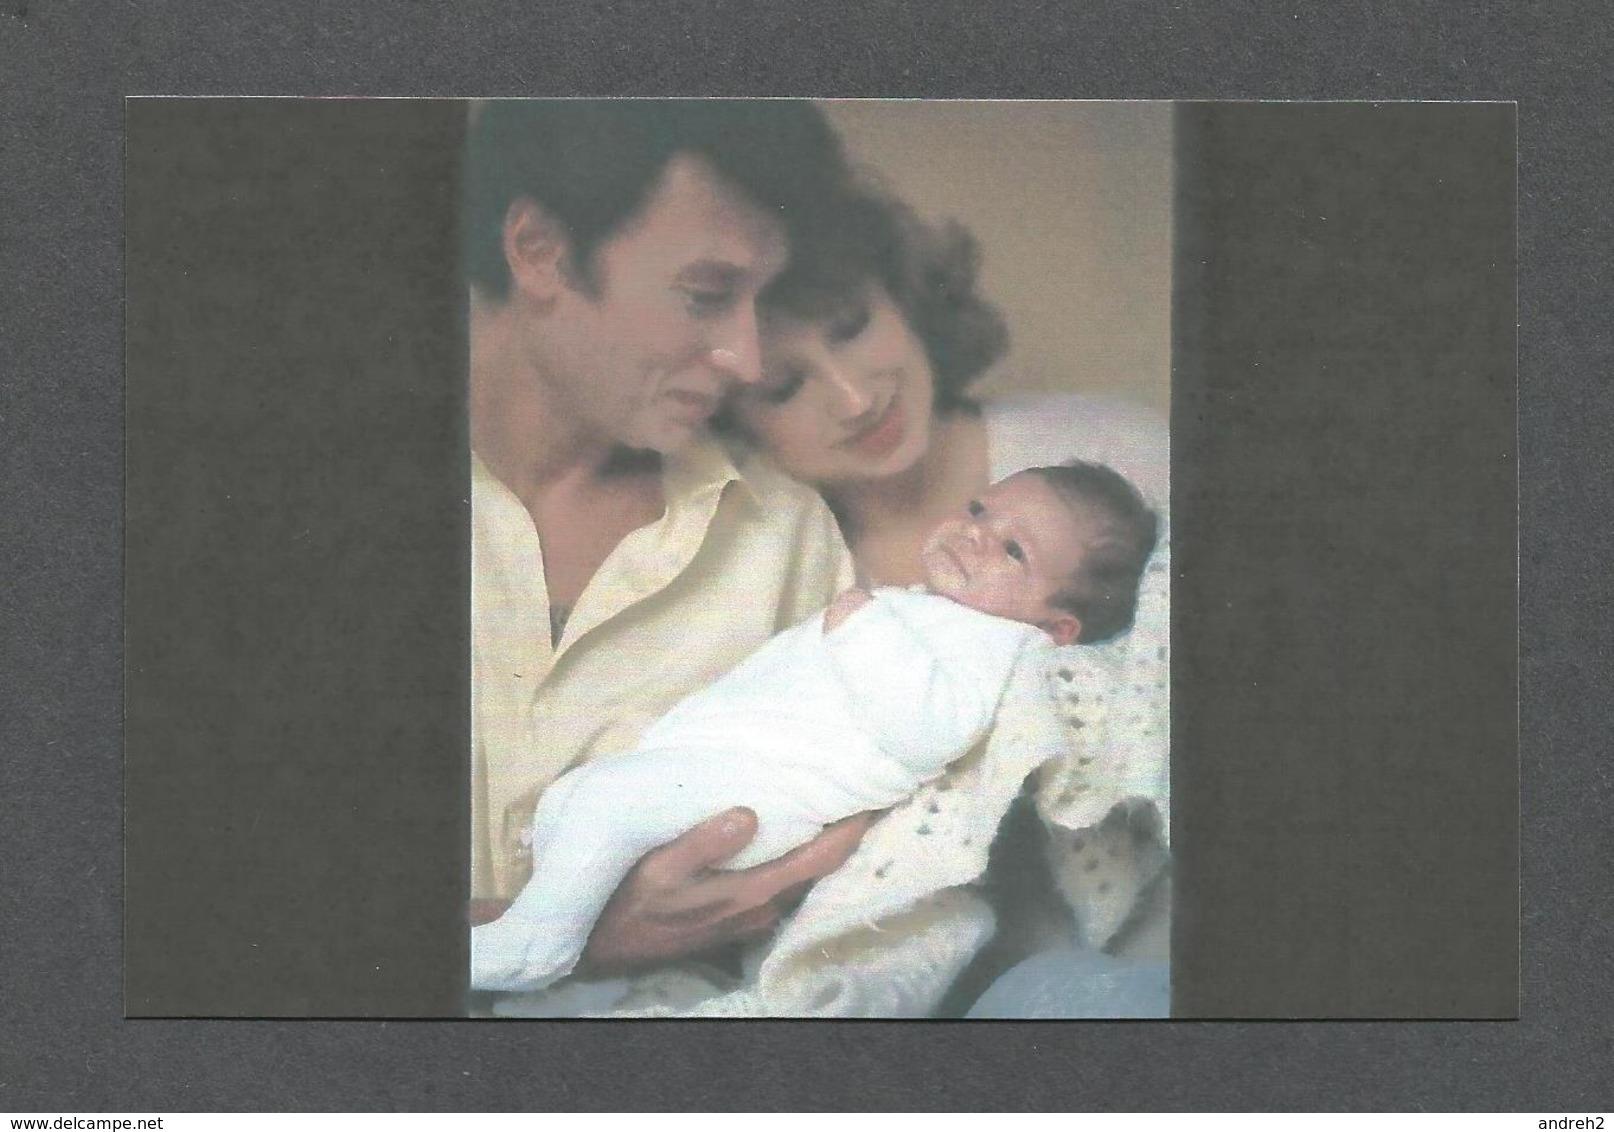 ARTISTES - CHANTEUR - JOHNNY HALLYDAY ET NATHALIE BAYE À LA NAISSANCE DE LEUR FILLE LAURA EN NOVEMBRE 1983 - Musique Et Musiciens